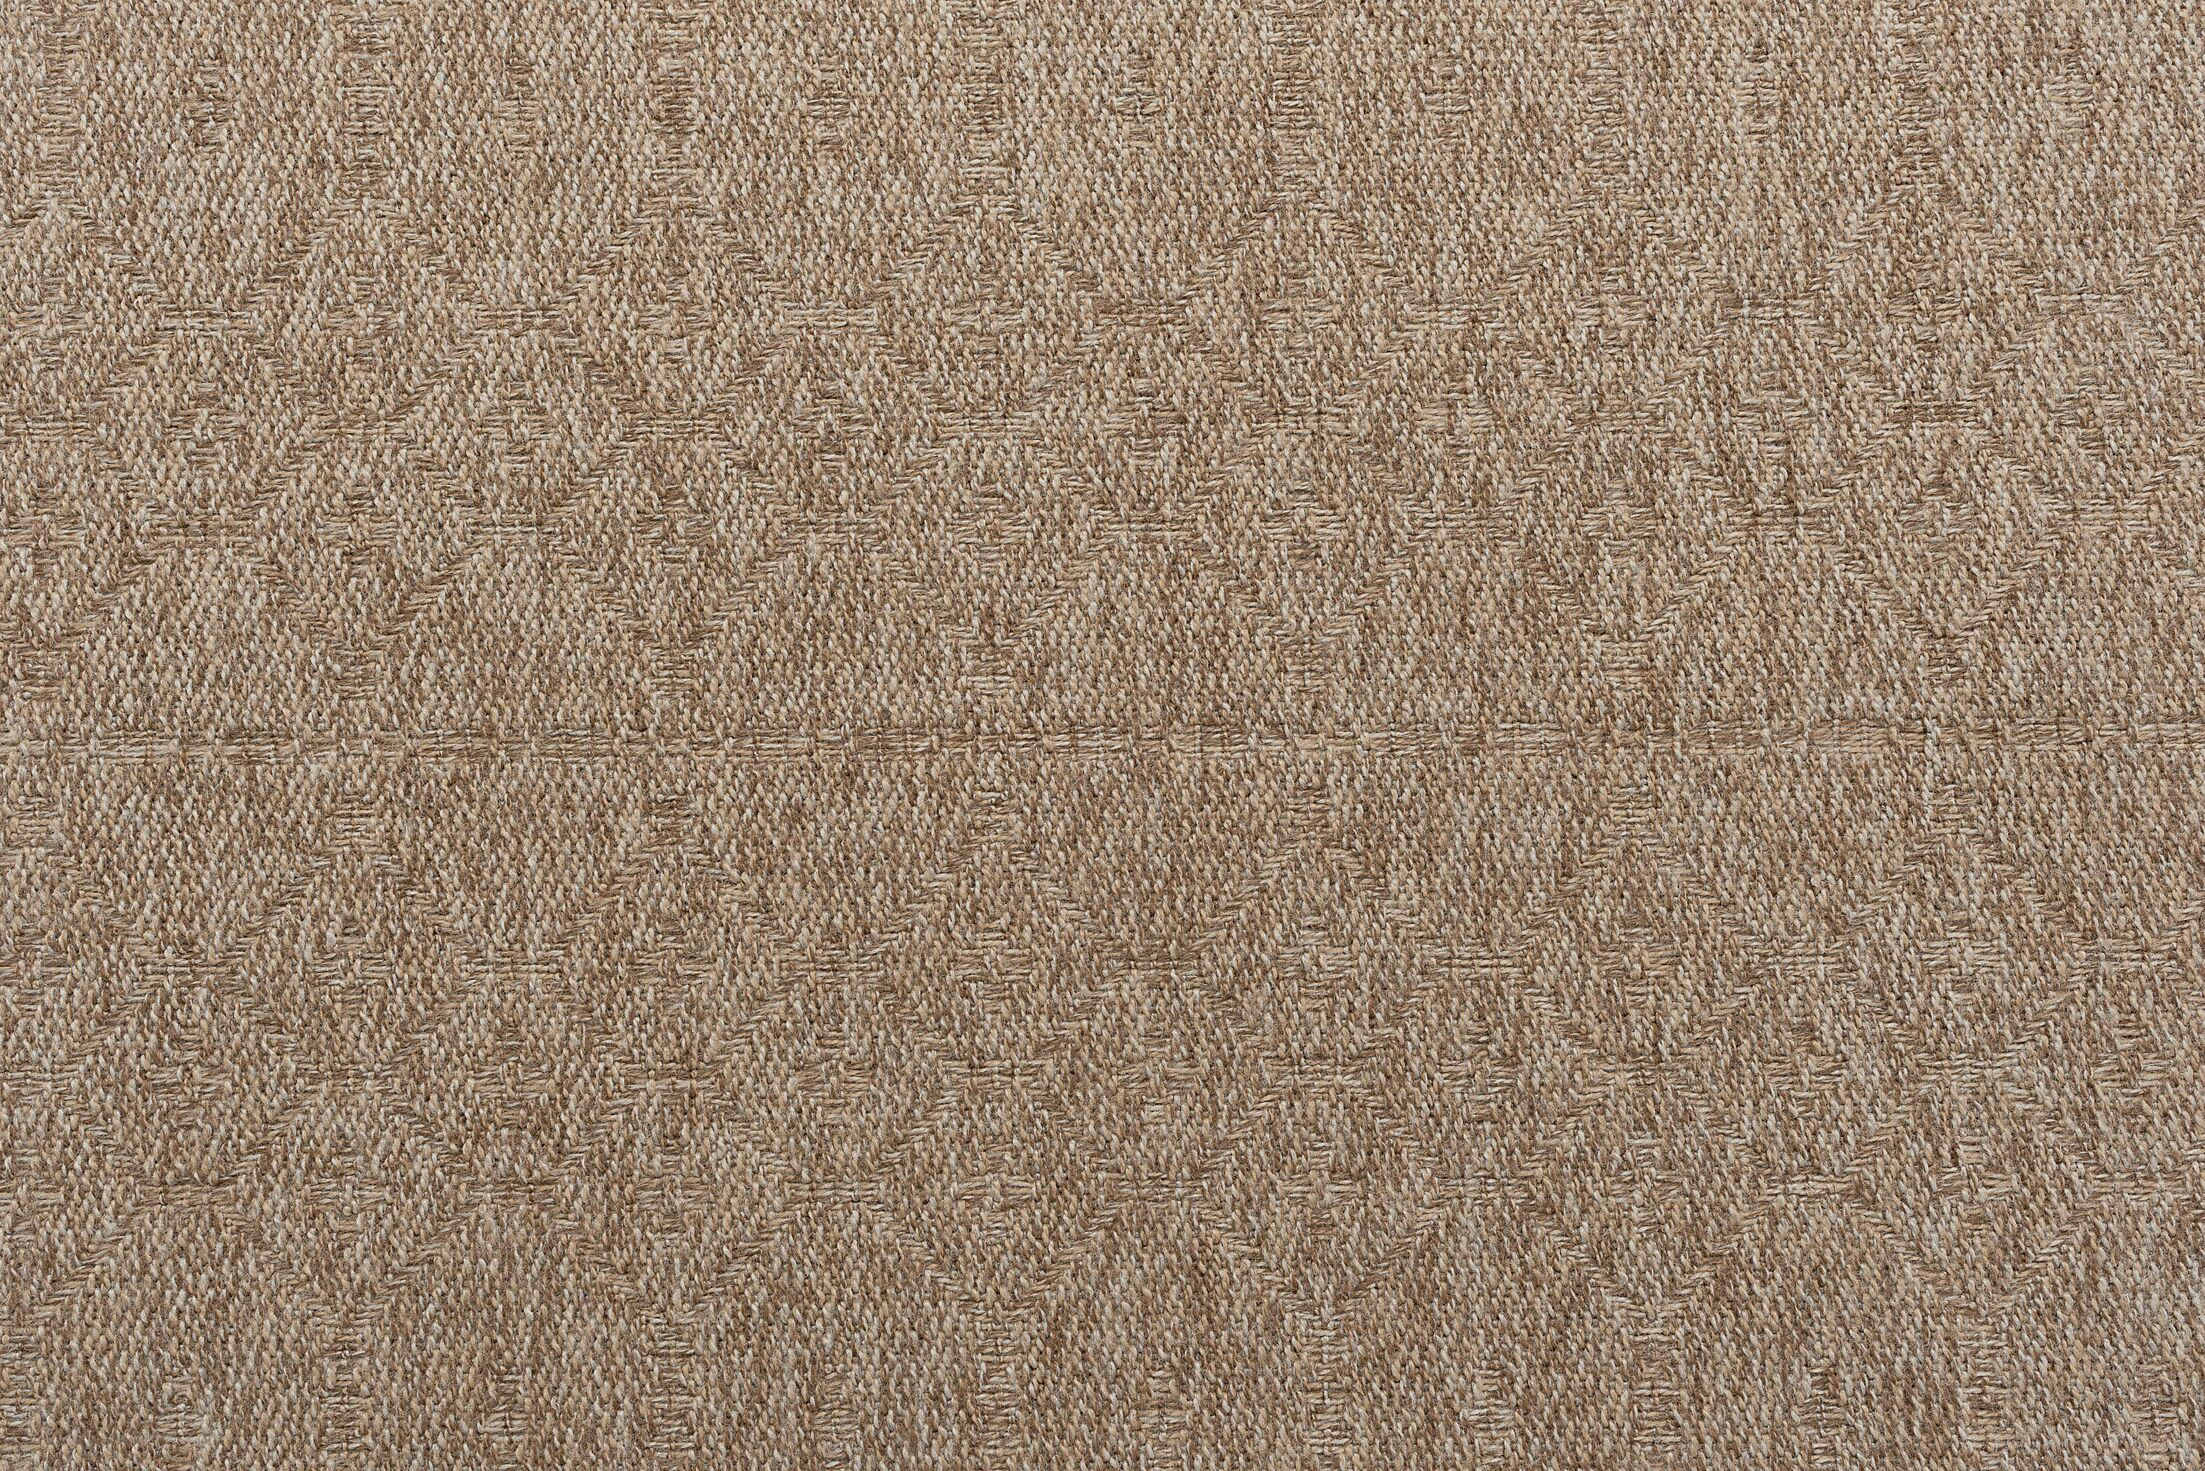 Bourke Modern Beige Indoor/Outdoor Area Rug Rug Size: Rectangle 8'7'' x 12'